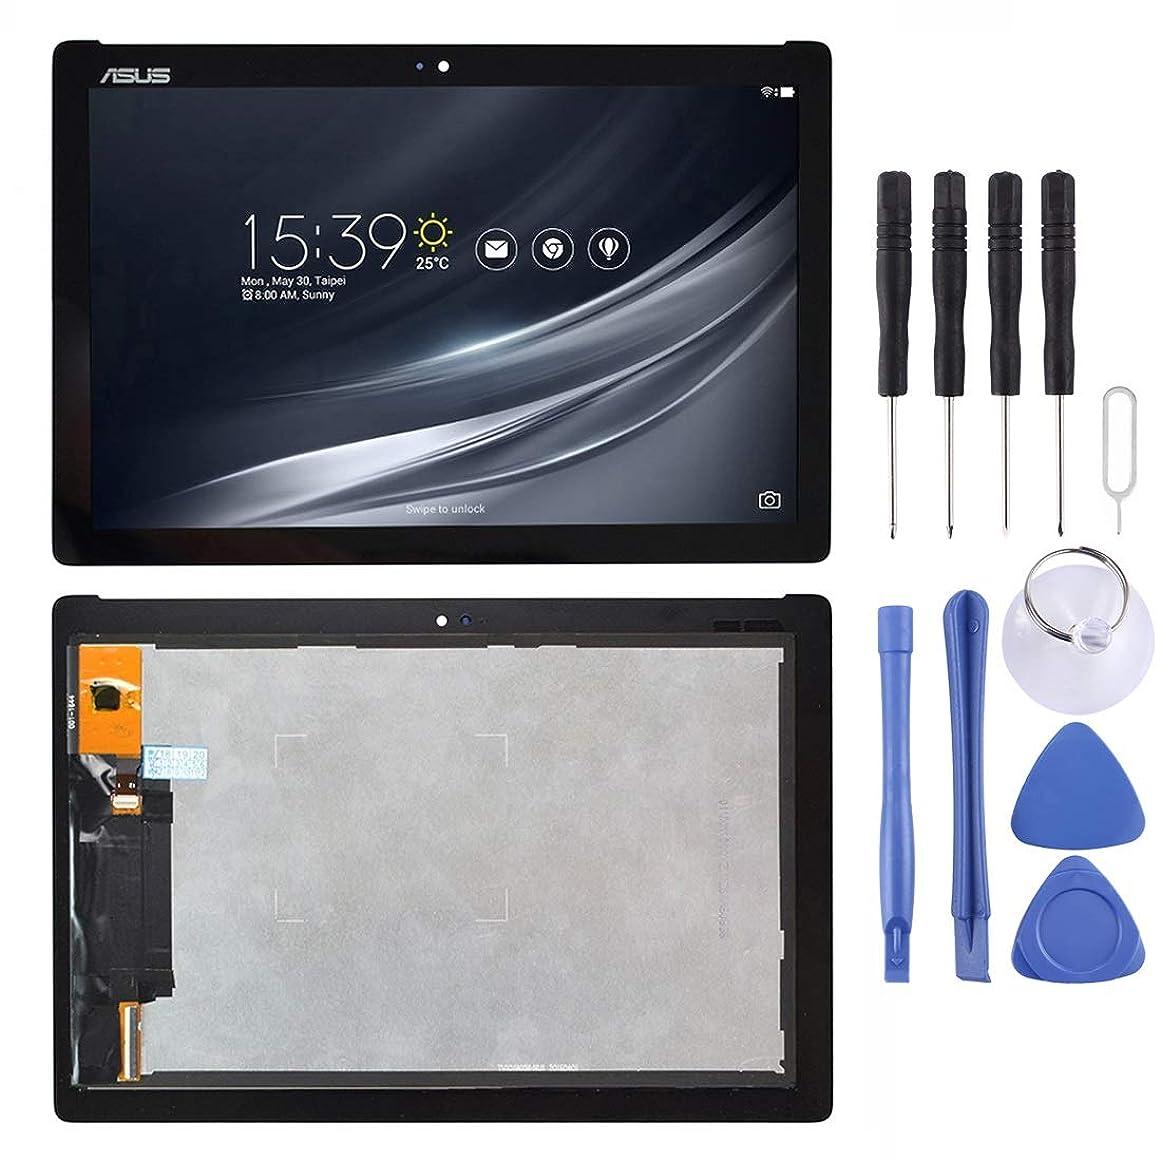 フリースイチゴライオネルグリーンストリートBFEEL Asus ZenPad 10 Z301MFL LTE Edition / Z301MF WiFi Edition 1920 x 1080ピクセル用修理およびスペアパーツLCDスクリーンおよびデジタイザーフルアセンブリ(ブラック) (色 : 白)